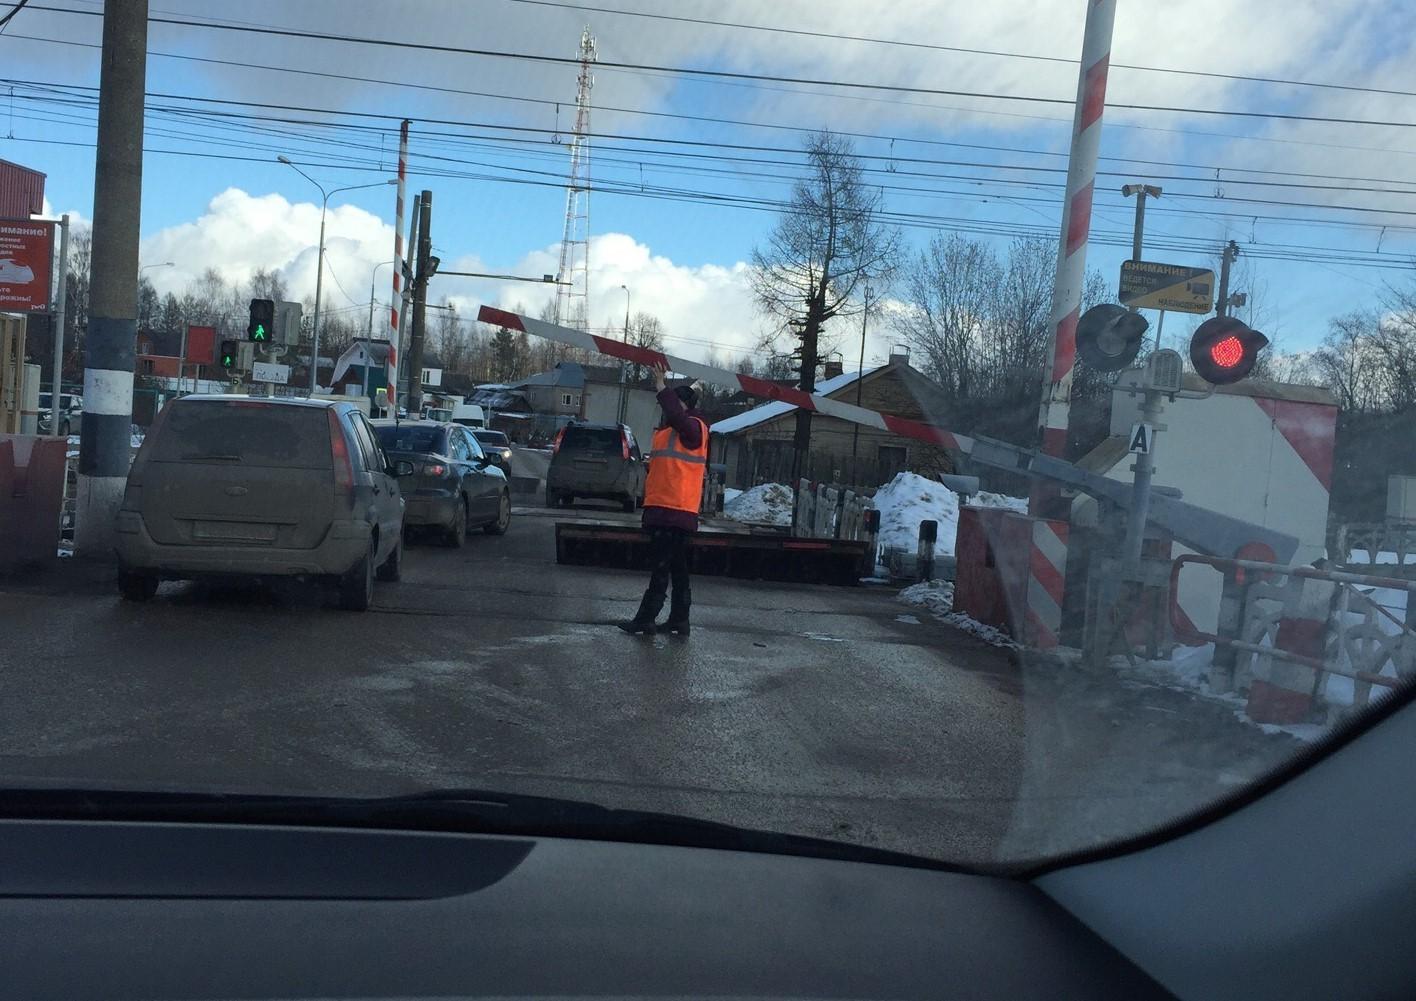 В Чуприяновке Тверской области шлагбаум на переезде поднимают руками